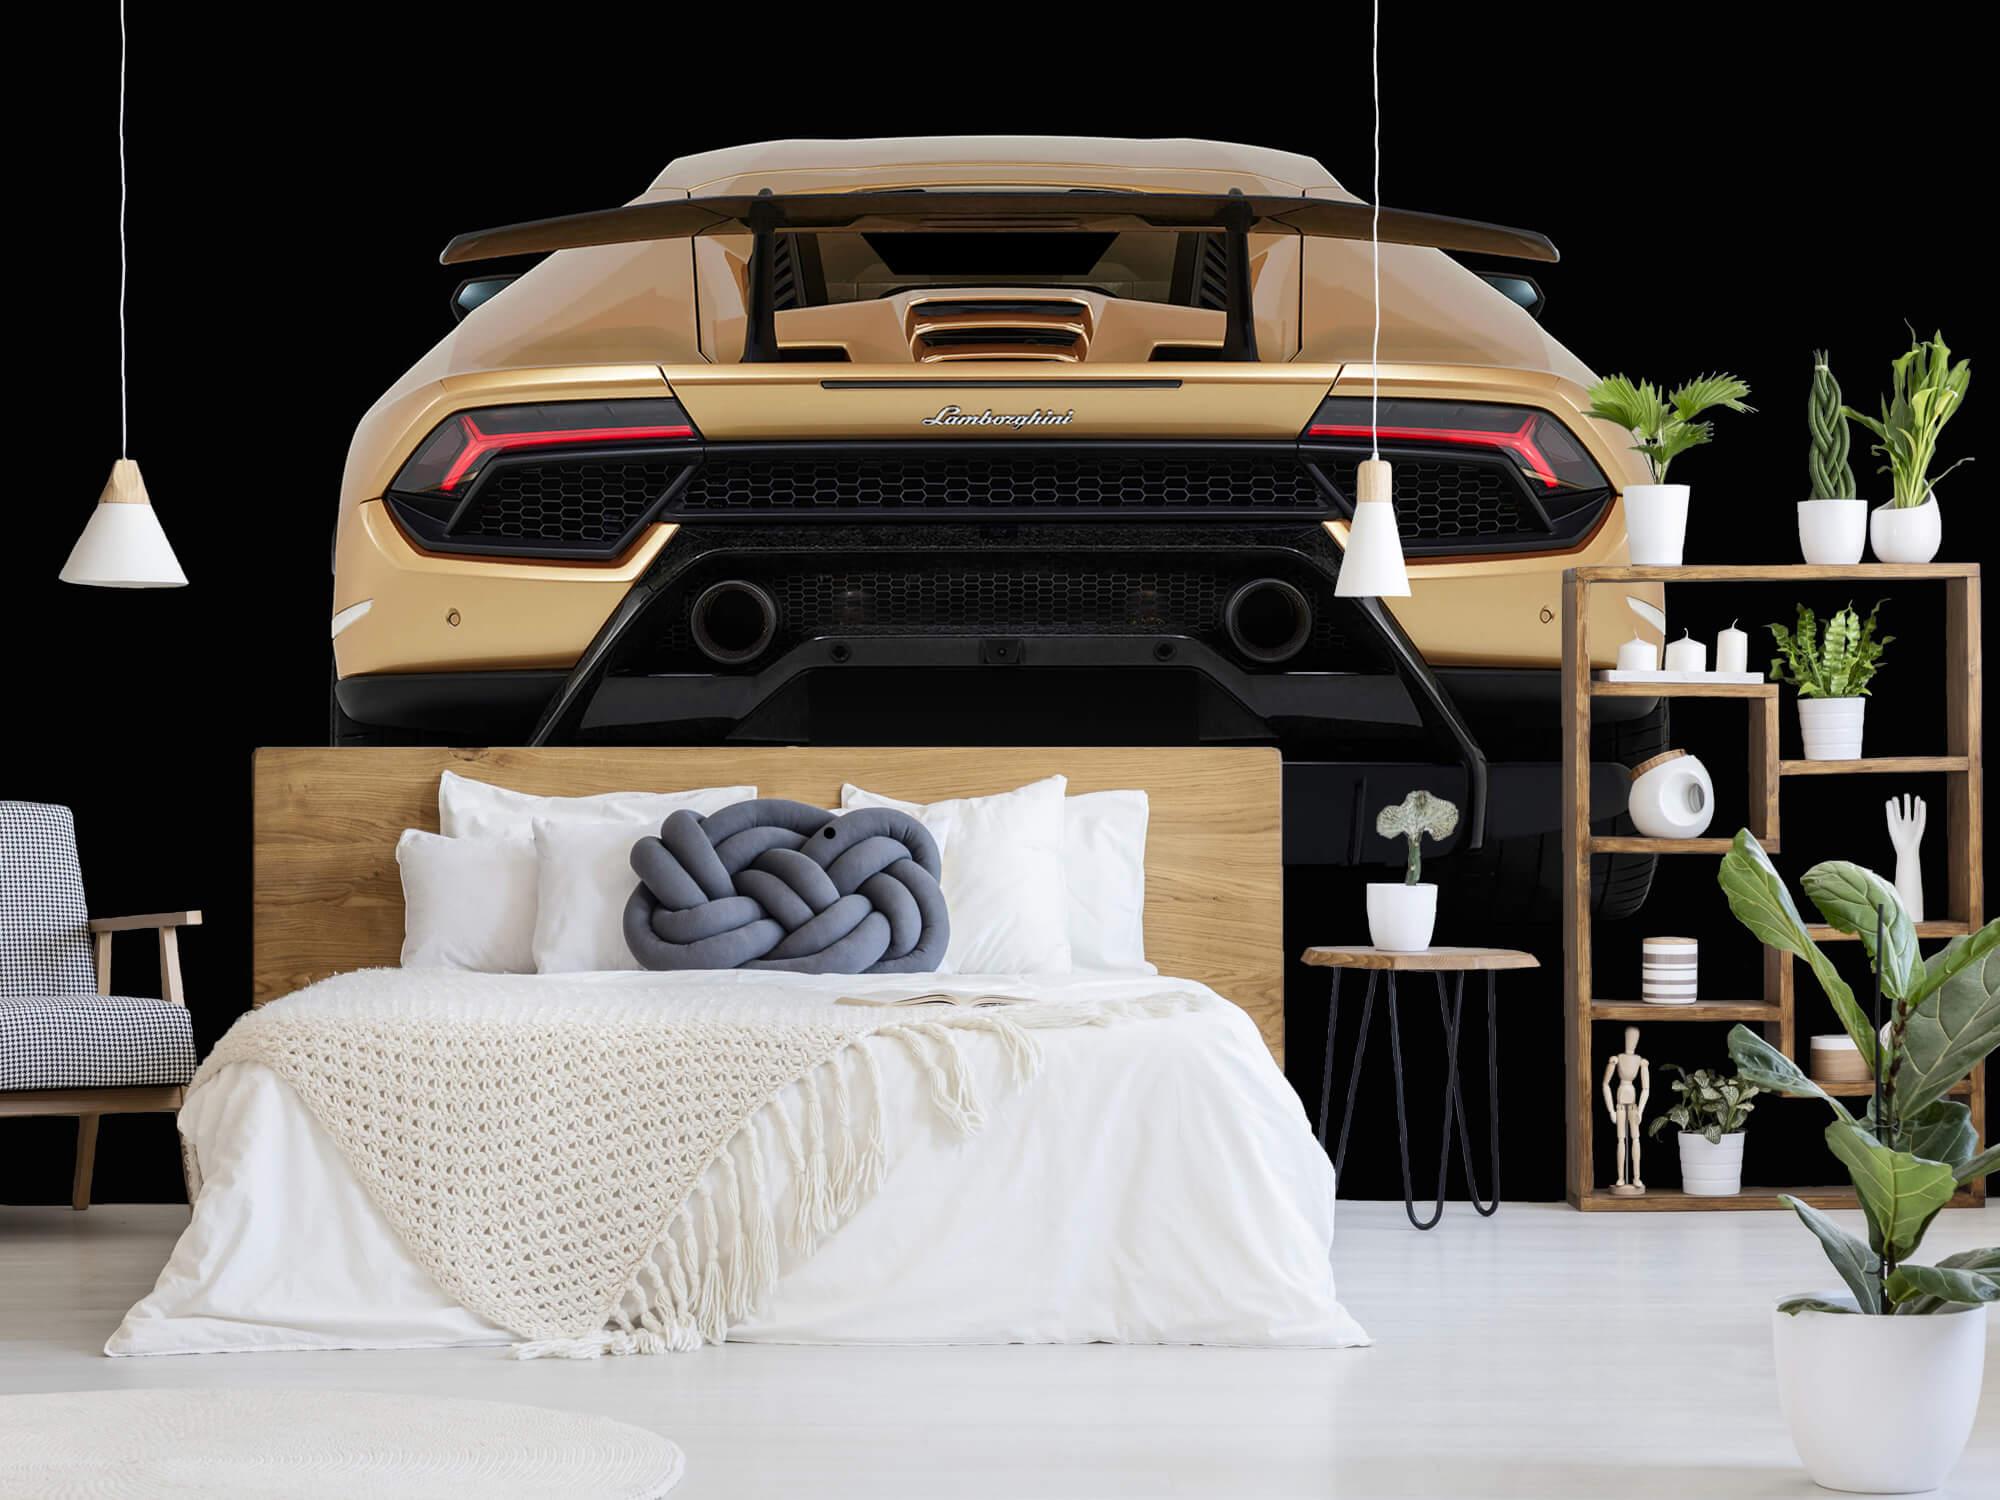 Wallpaper Lamborghini Huracán - Bak, svart 1